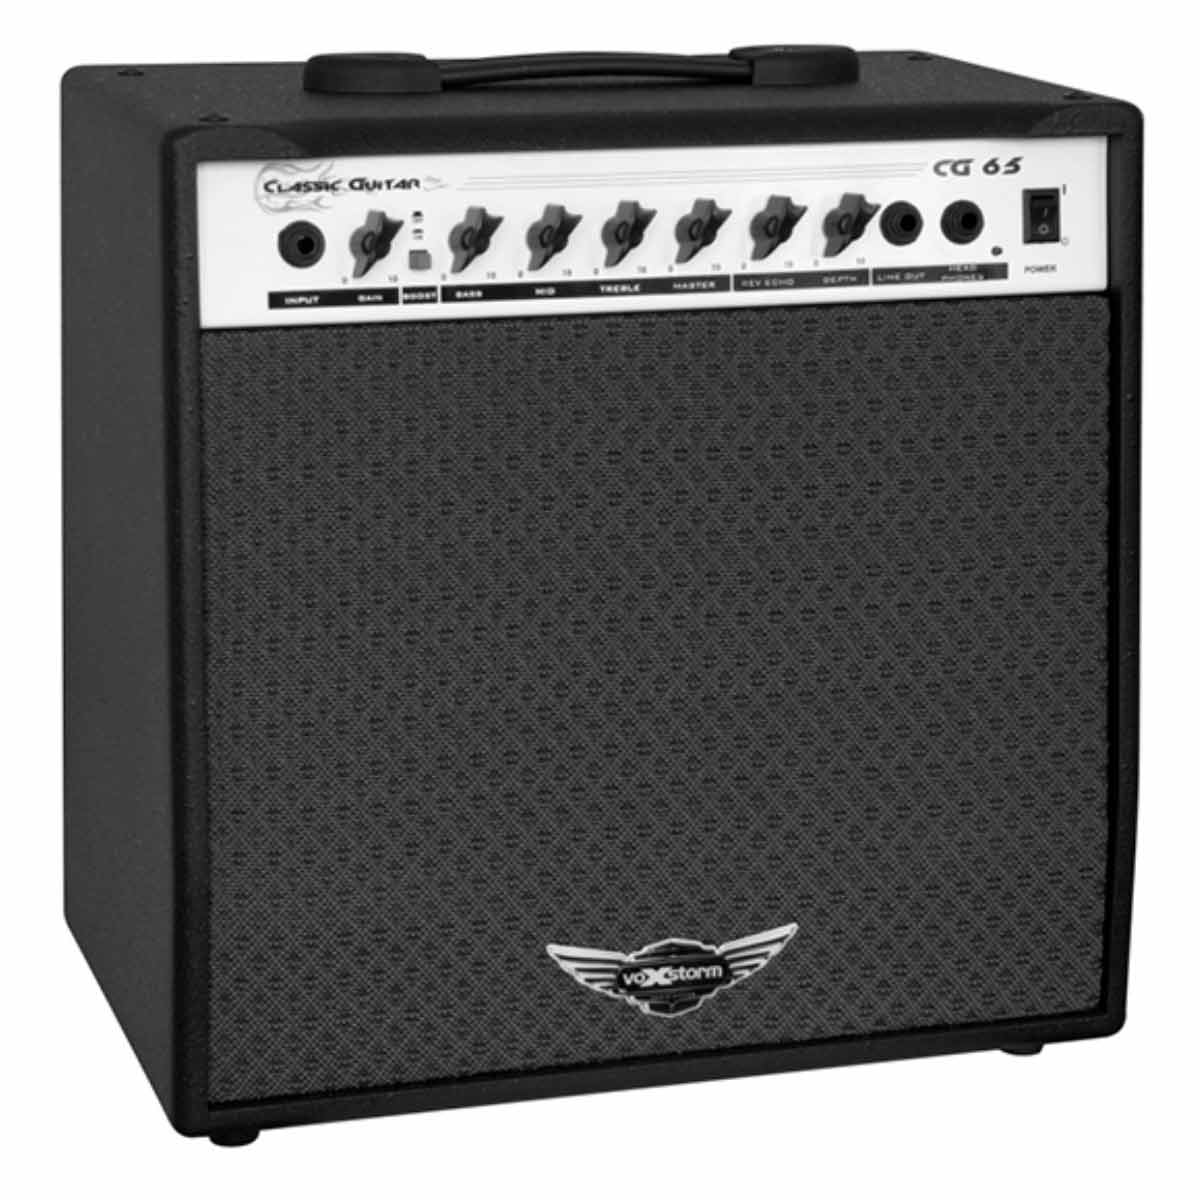 CG65 - Amplificador Combo p/ Guitarra 40W Classic Guitar CG 65 Preto - Voxstorm